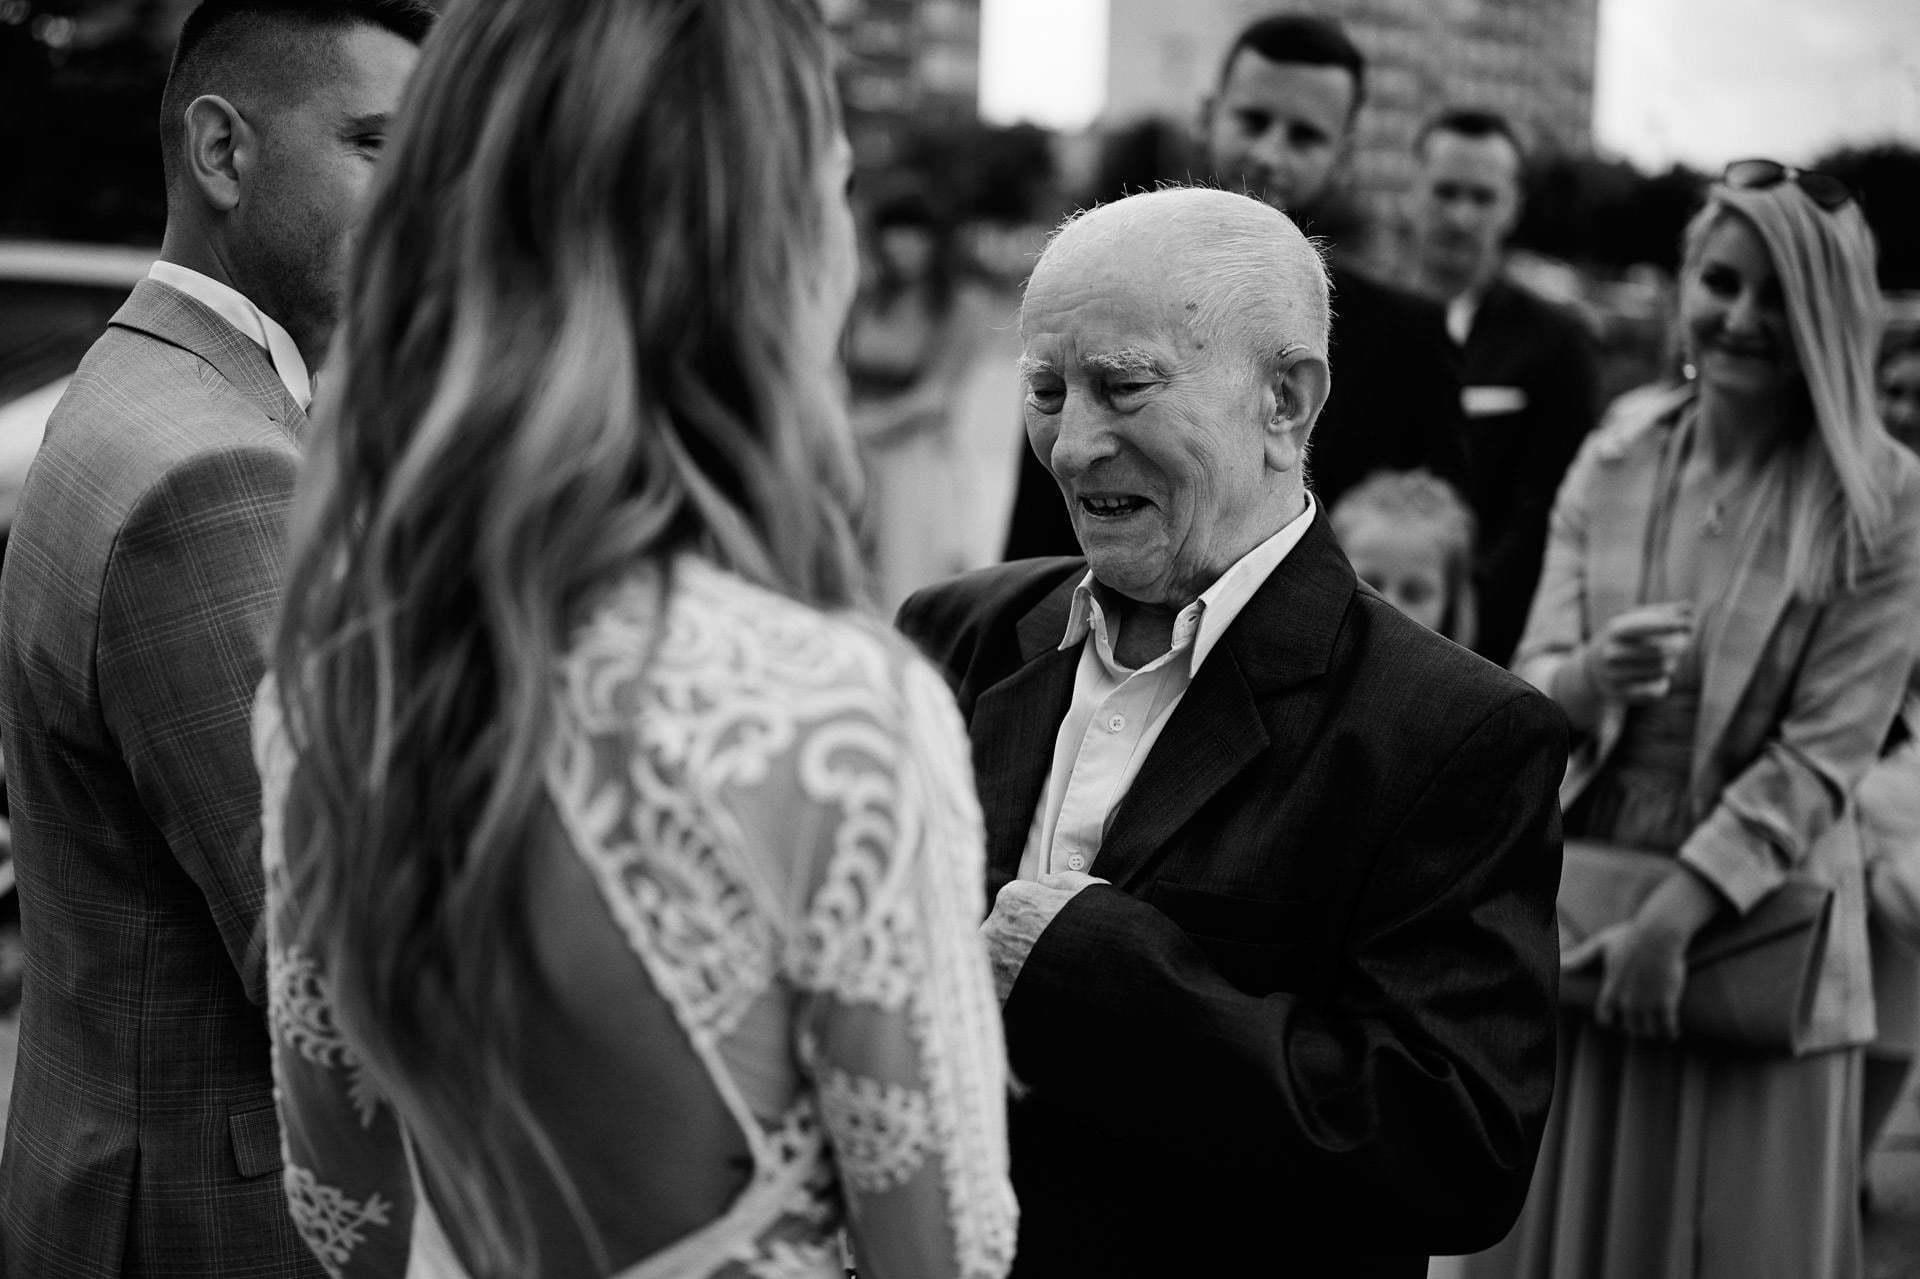 Fotograf na wesele uchwycił emocje dziadka składającego życzenia pannie młodej